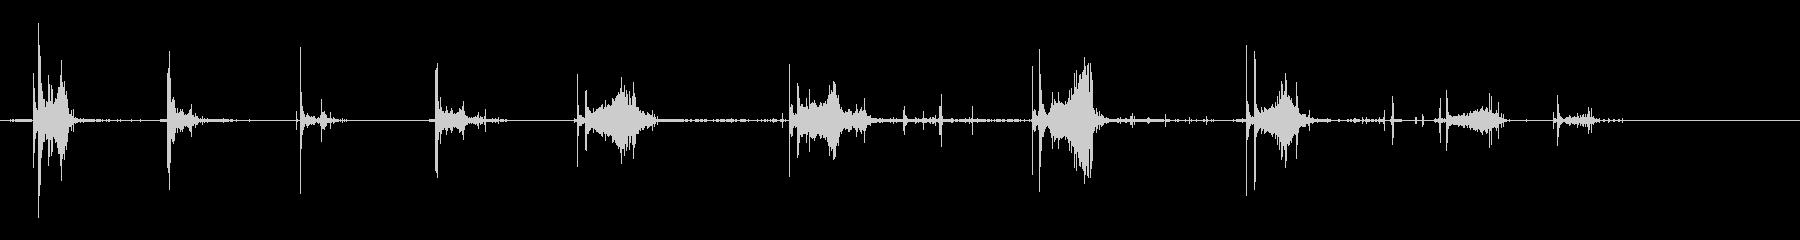 ストーン-ロック-スローインザウォーターの未再生の波形